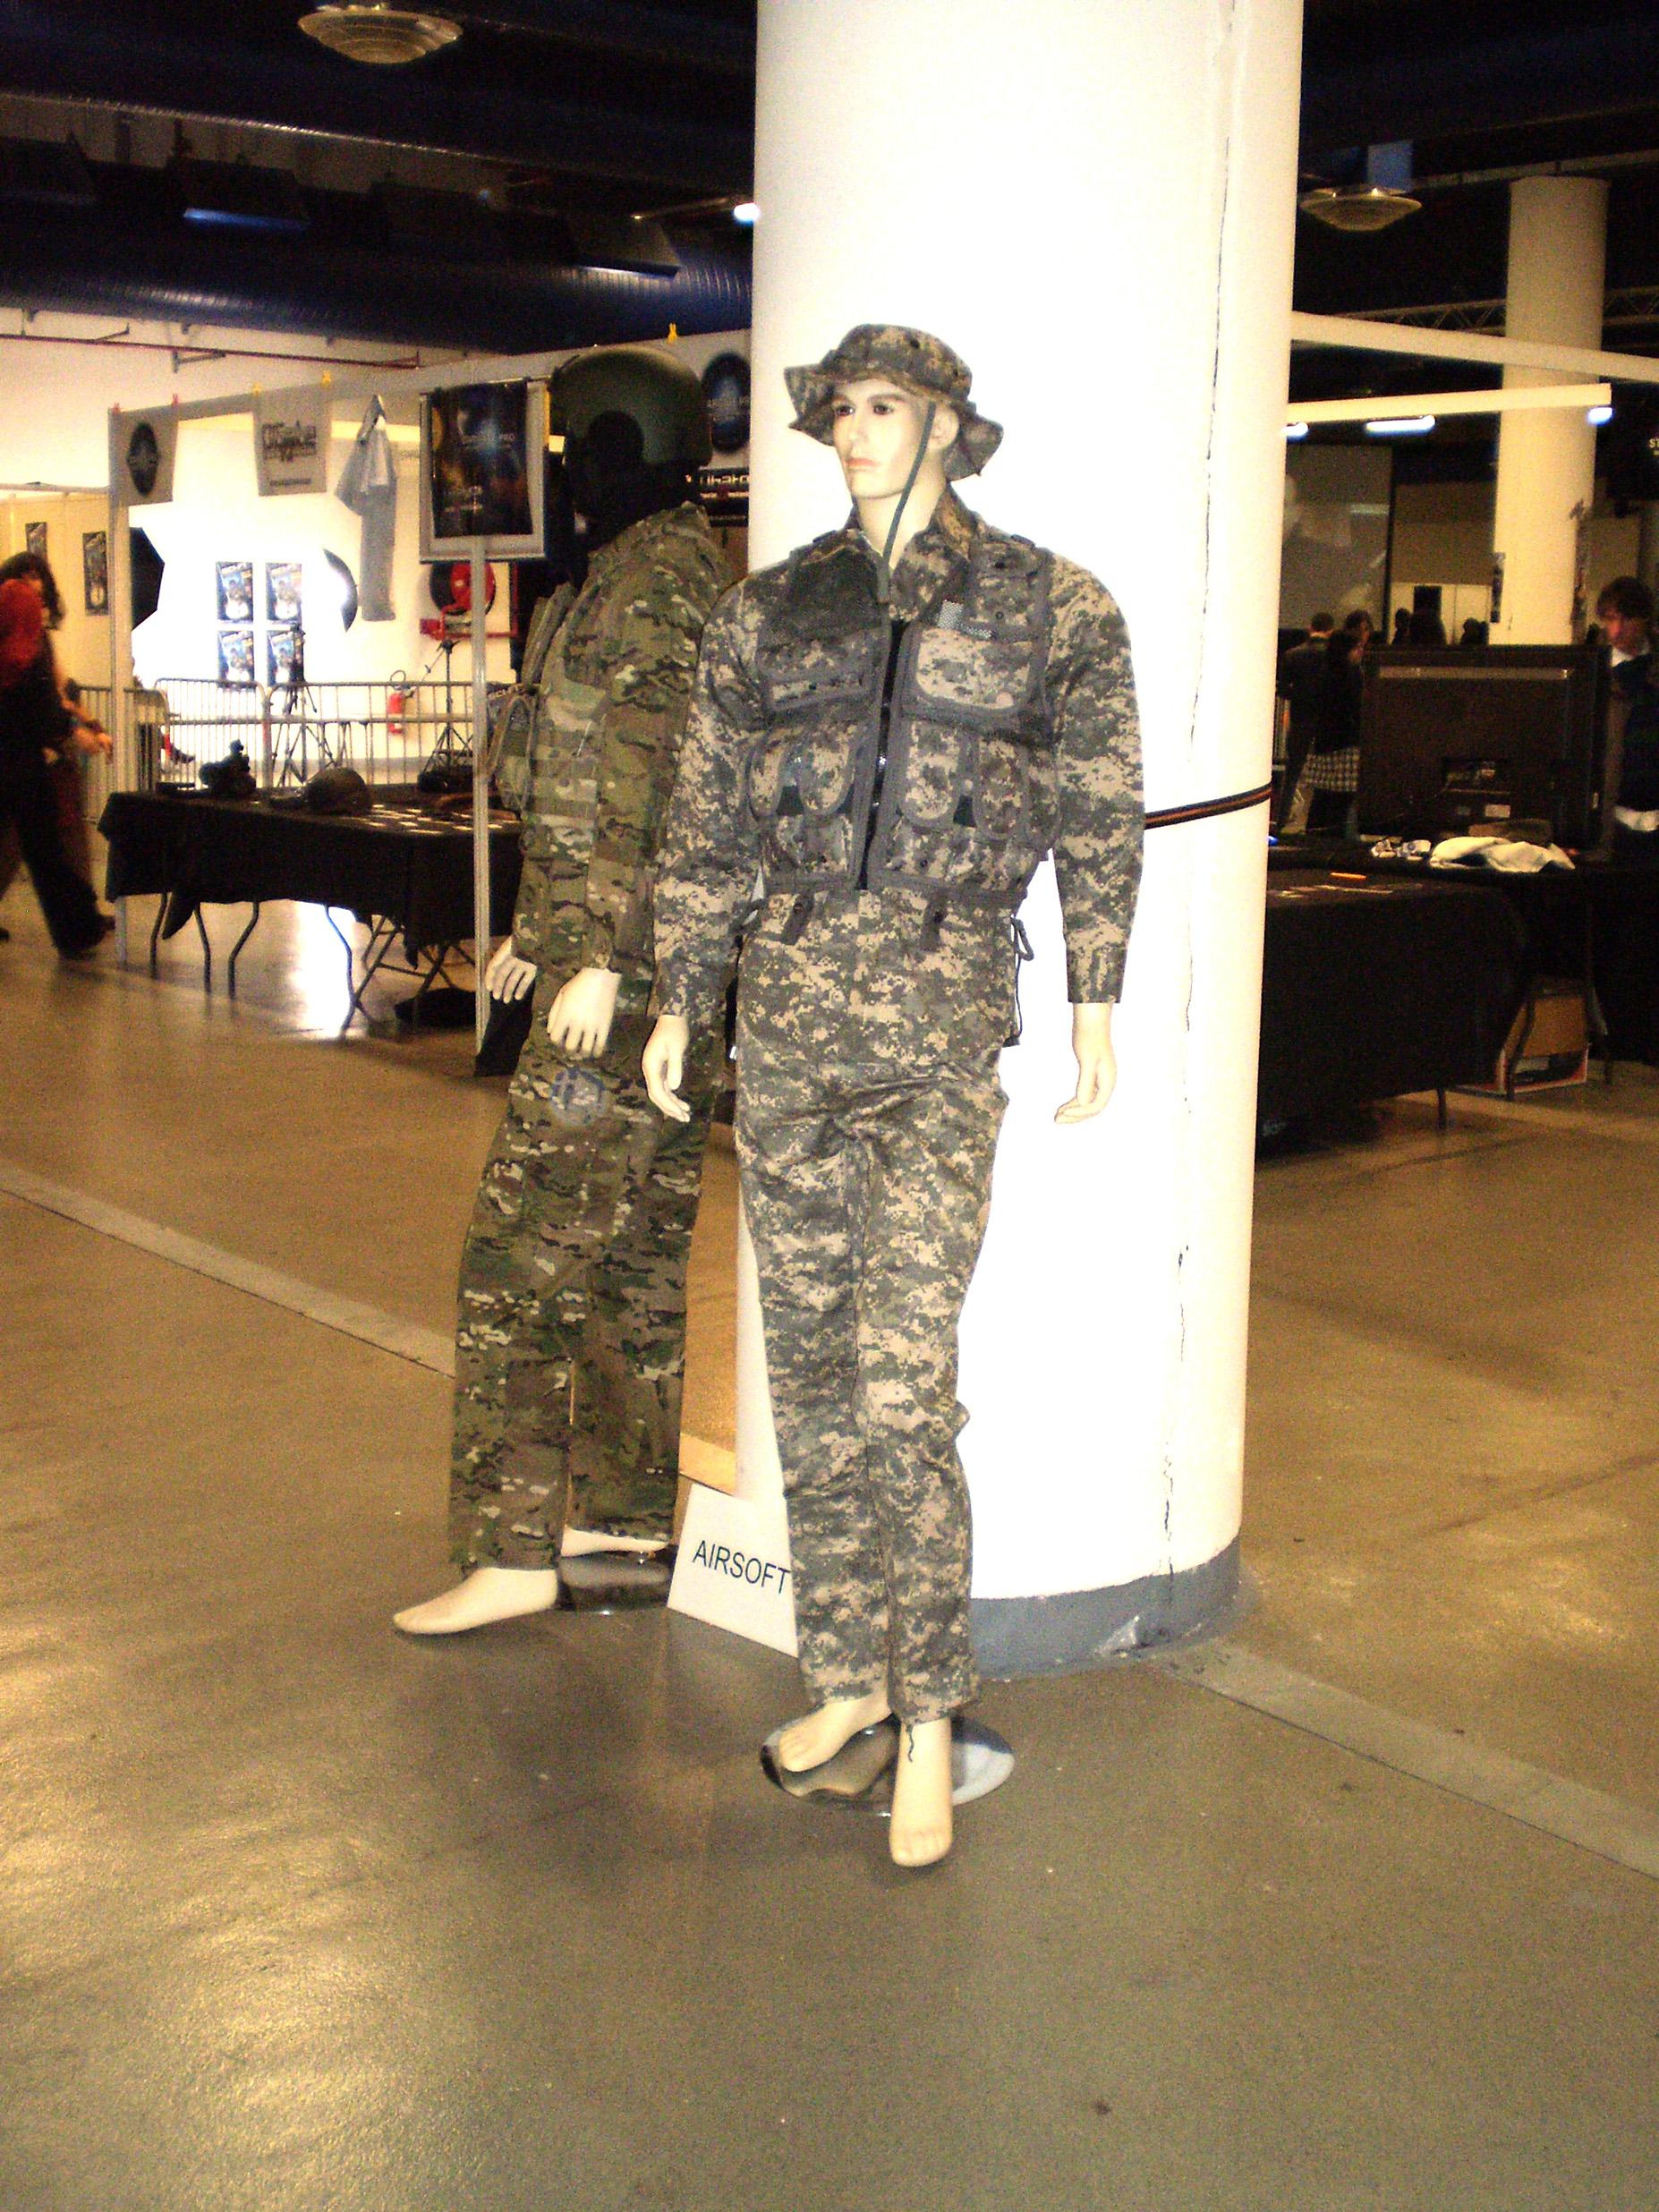 Achetez des répliques d'uniformes des forces armées américaines.